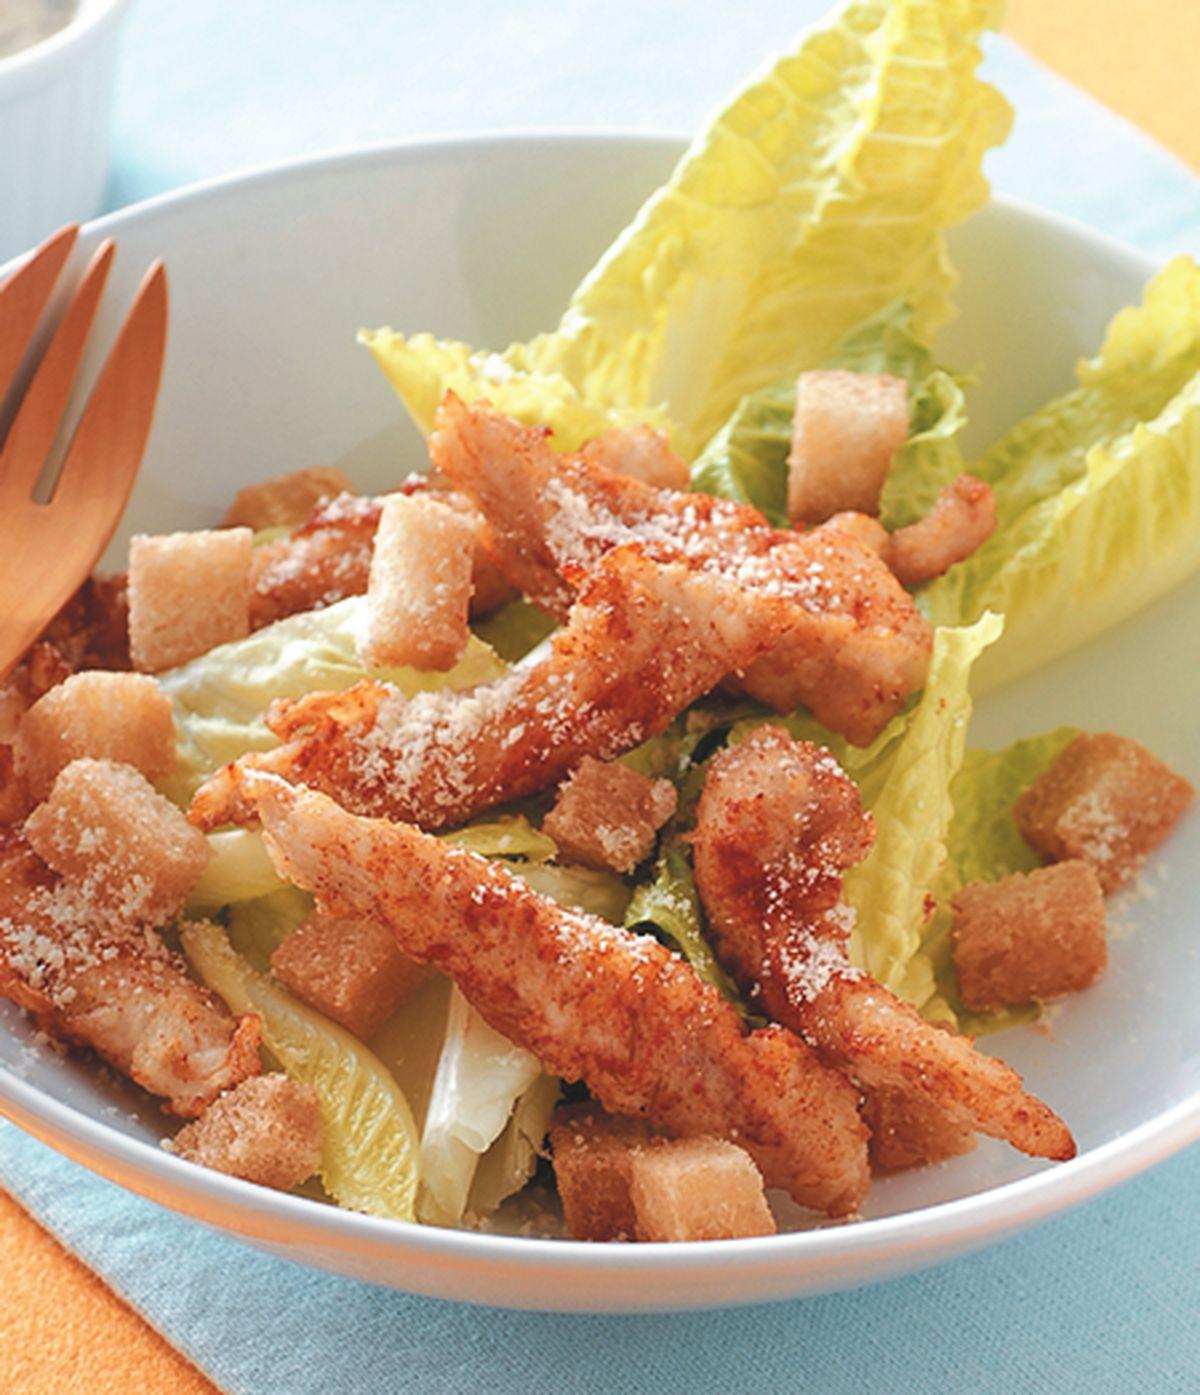 食譜:酥炸雞柳凱撒沙拉